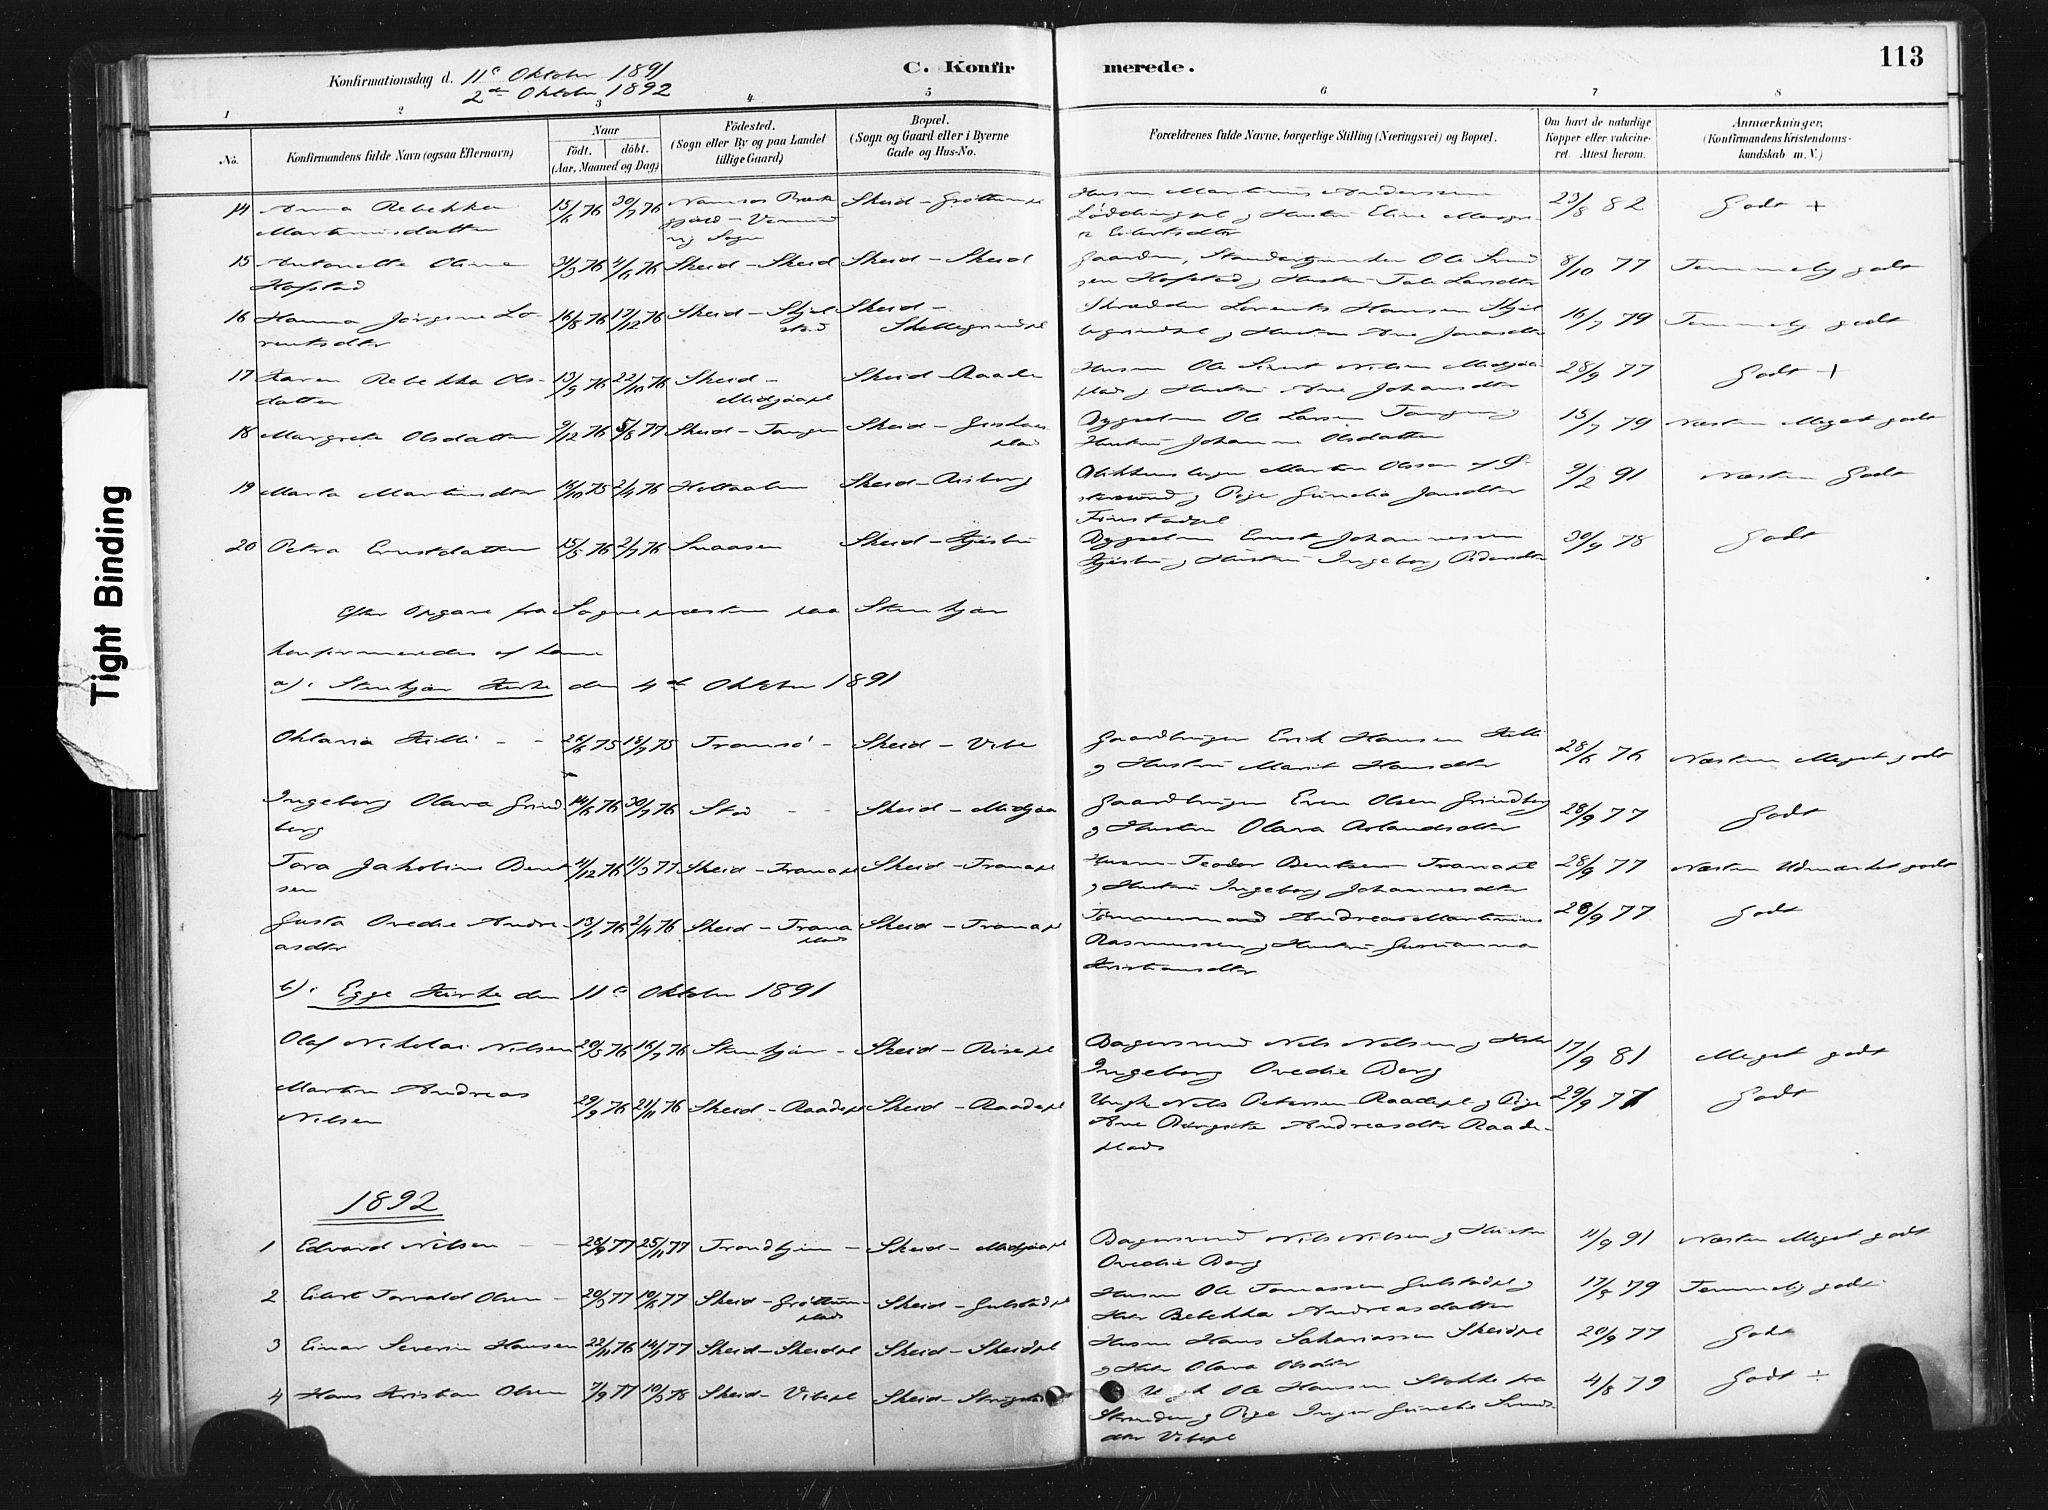 SAT, Ministerialprotokoller, klokkerbøker og fødselsregistre - Nord-Trøndelag, 736/L0361: Ministerialbok nr. 736A01, 1884-1906, s. 113